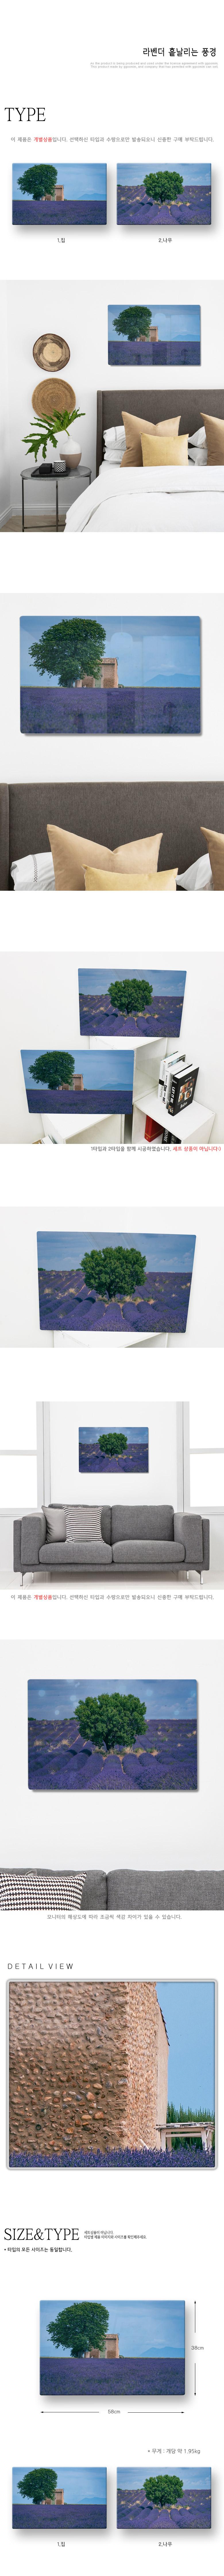 폼아크릴액자58CmX38Cm_라벤더흩날리는풍경 - 꾸밈, 42,000원, 홈갤러리, 사진아트